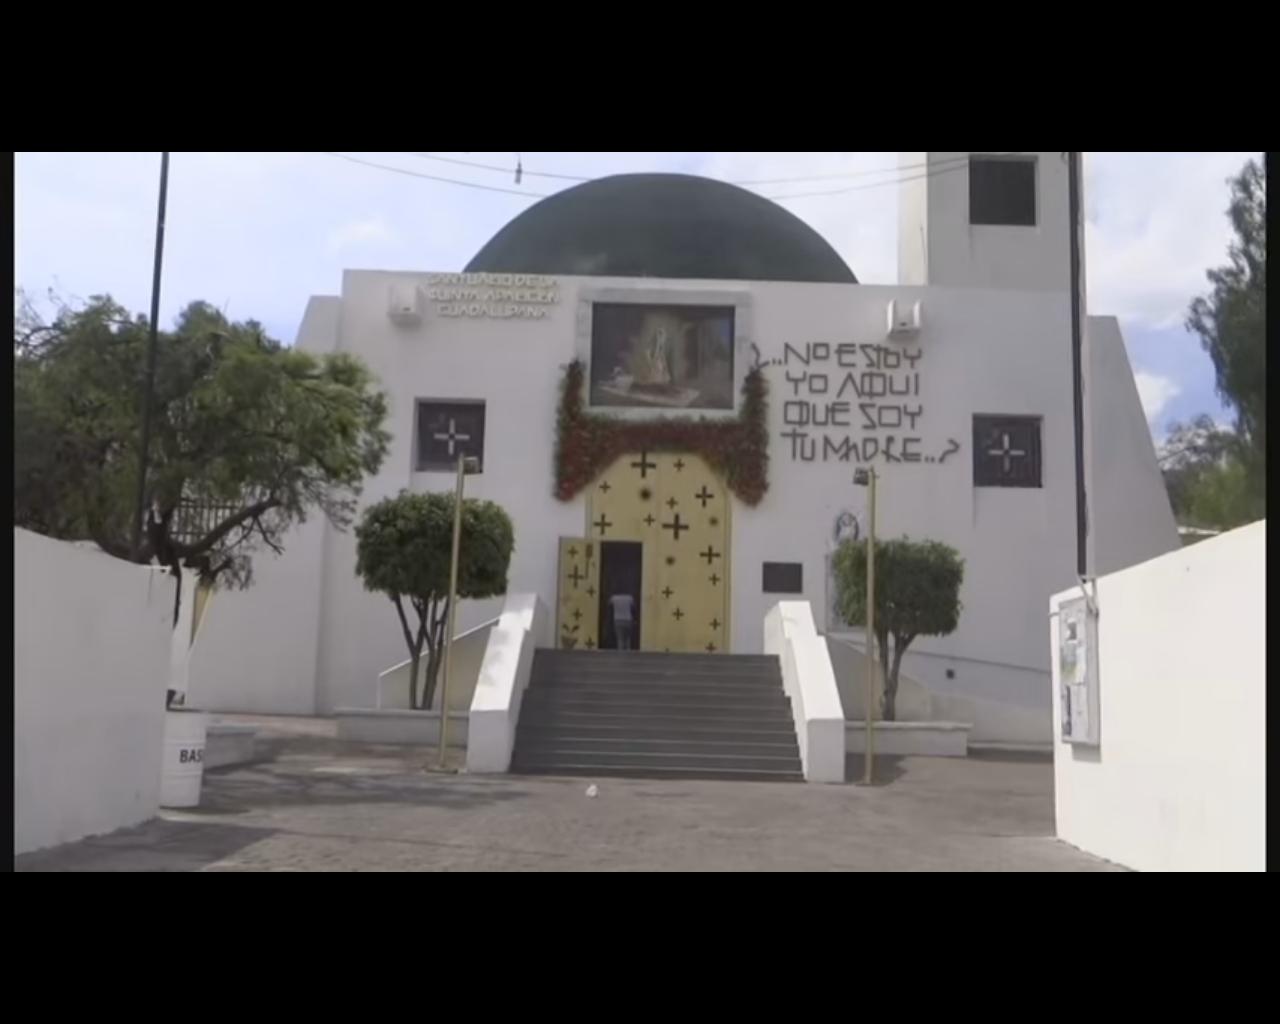 Documental: El Santuario de la 5ta Aparicion